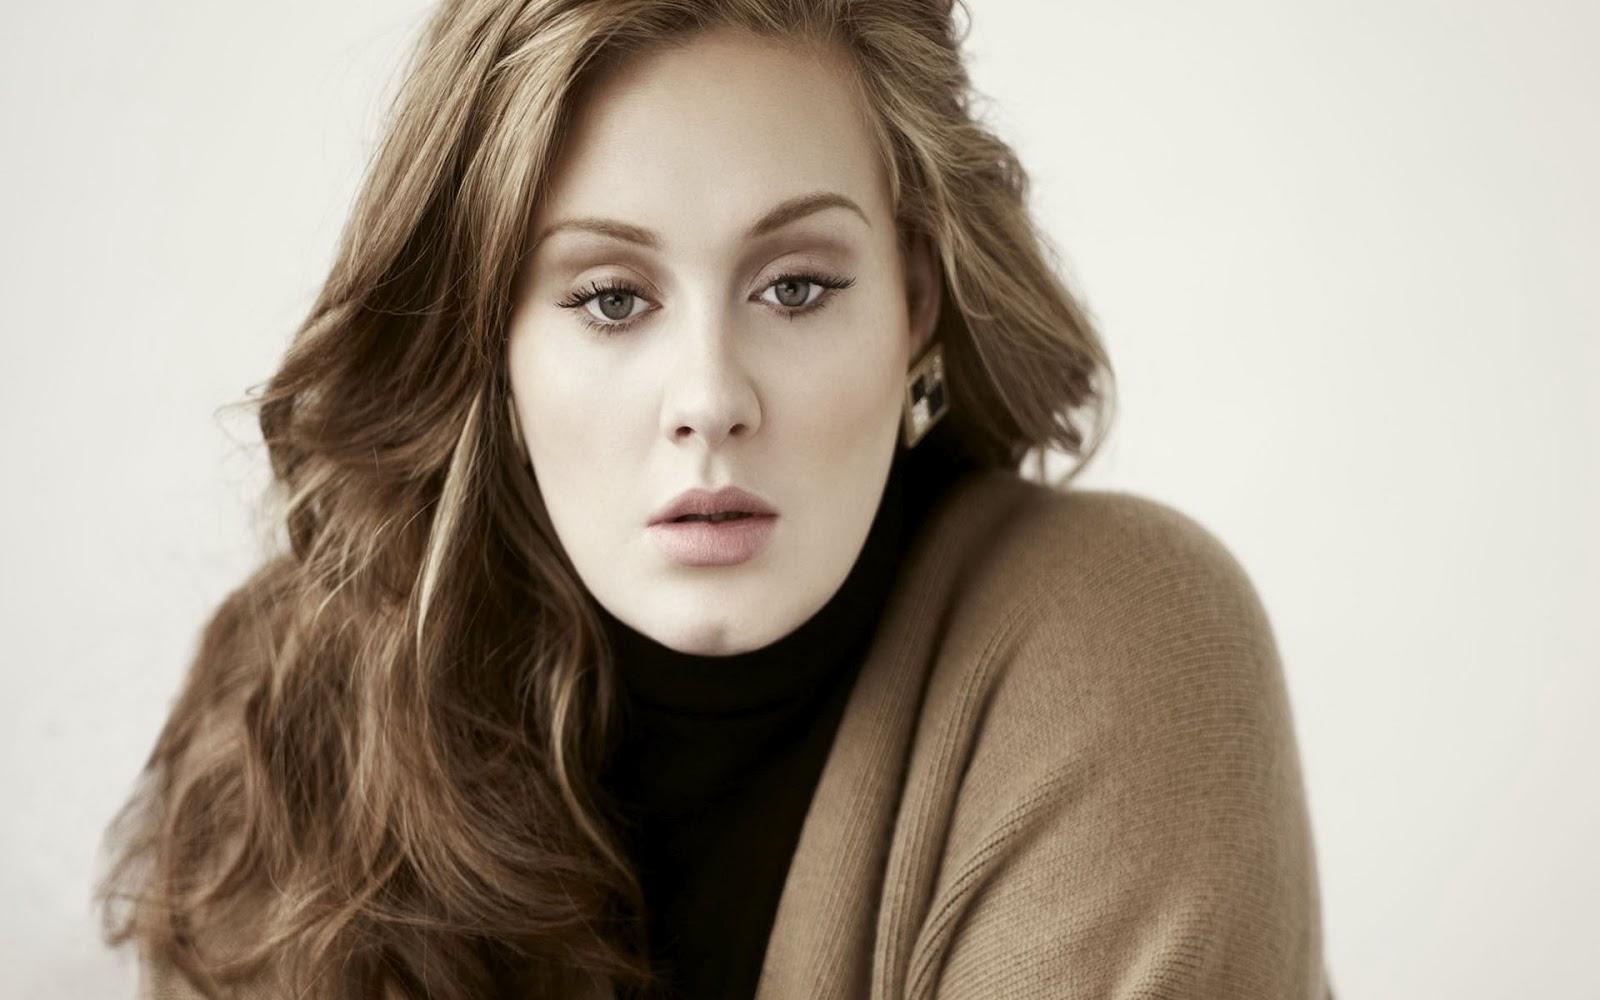 http://1.bp.blogspot.com/-mVcyygtRMdY/Tzw4ZC6gL_I/AAAAAAAAPTU/FRYNQKlNEWY/s1600/Adele+-+2012+Grammy+Wallpapers+7.jpg